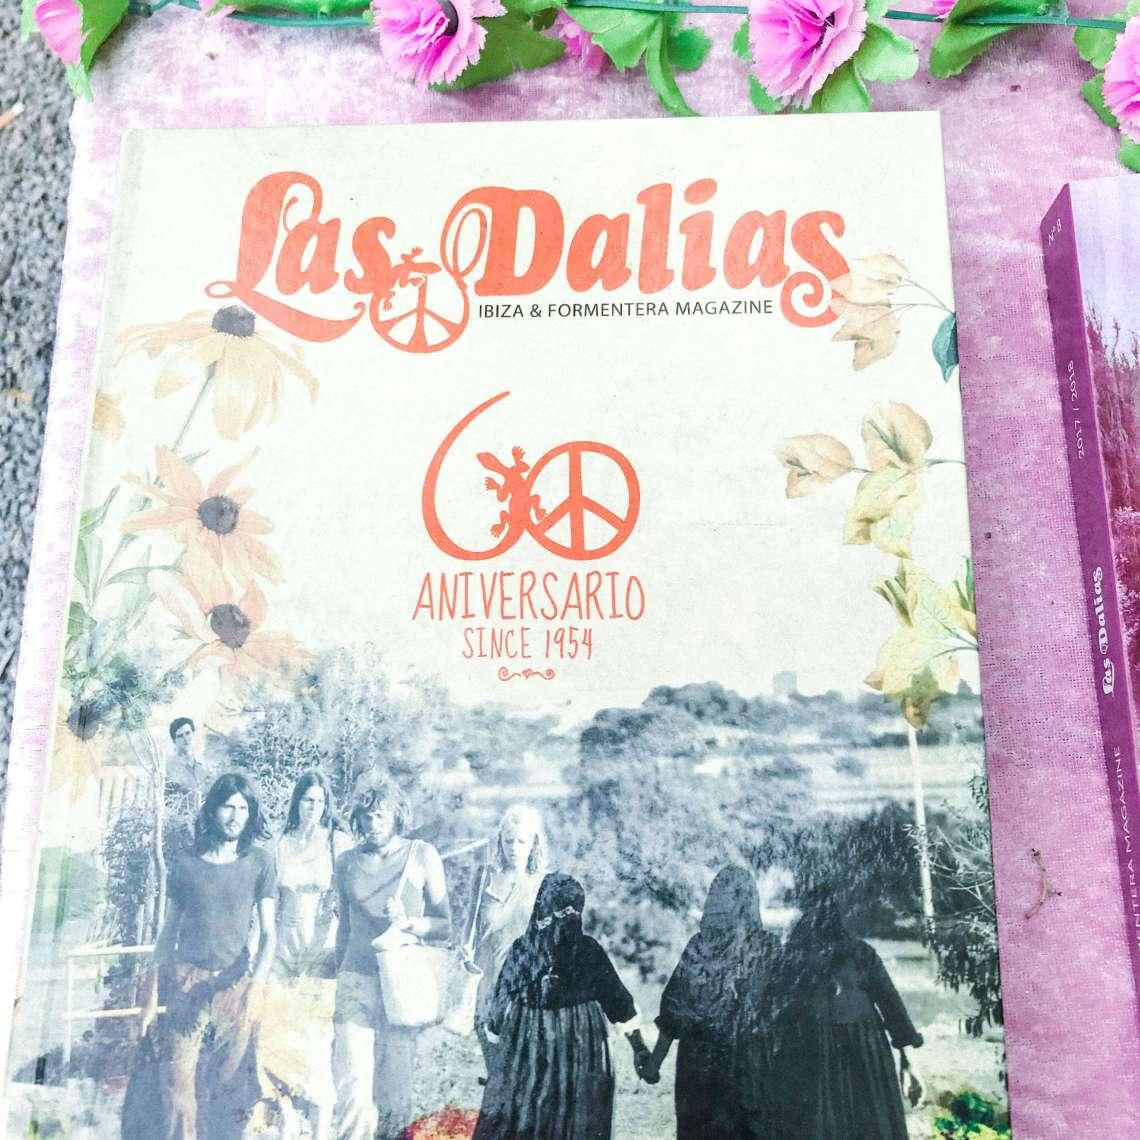 lasdalias-17-mercatini hippie-libro las dalias